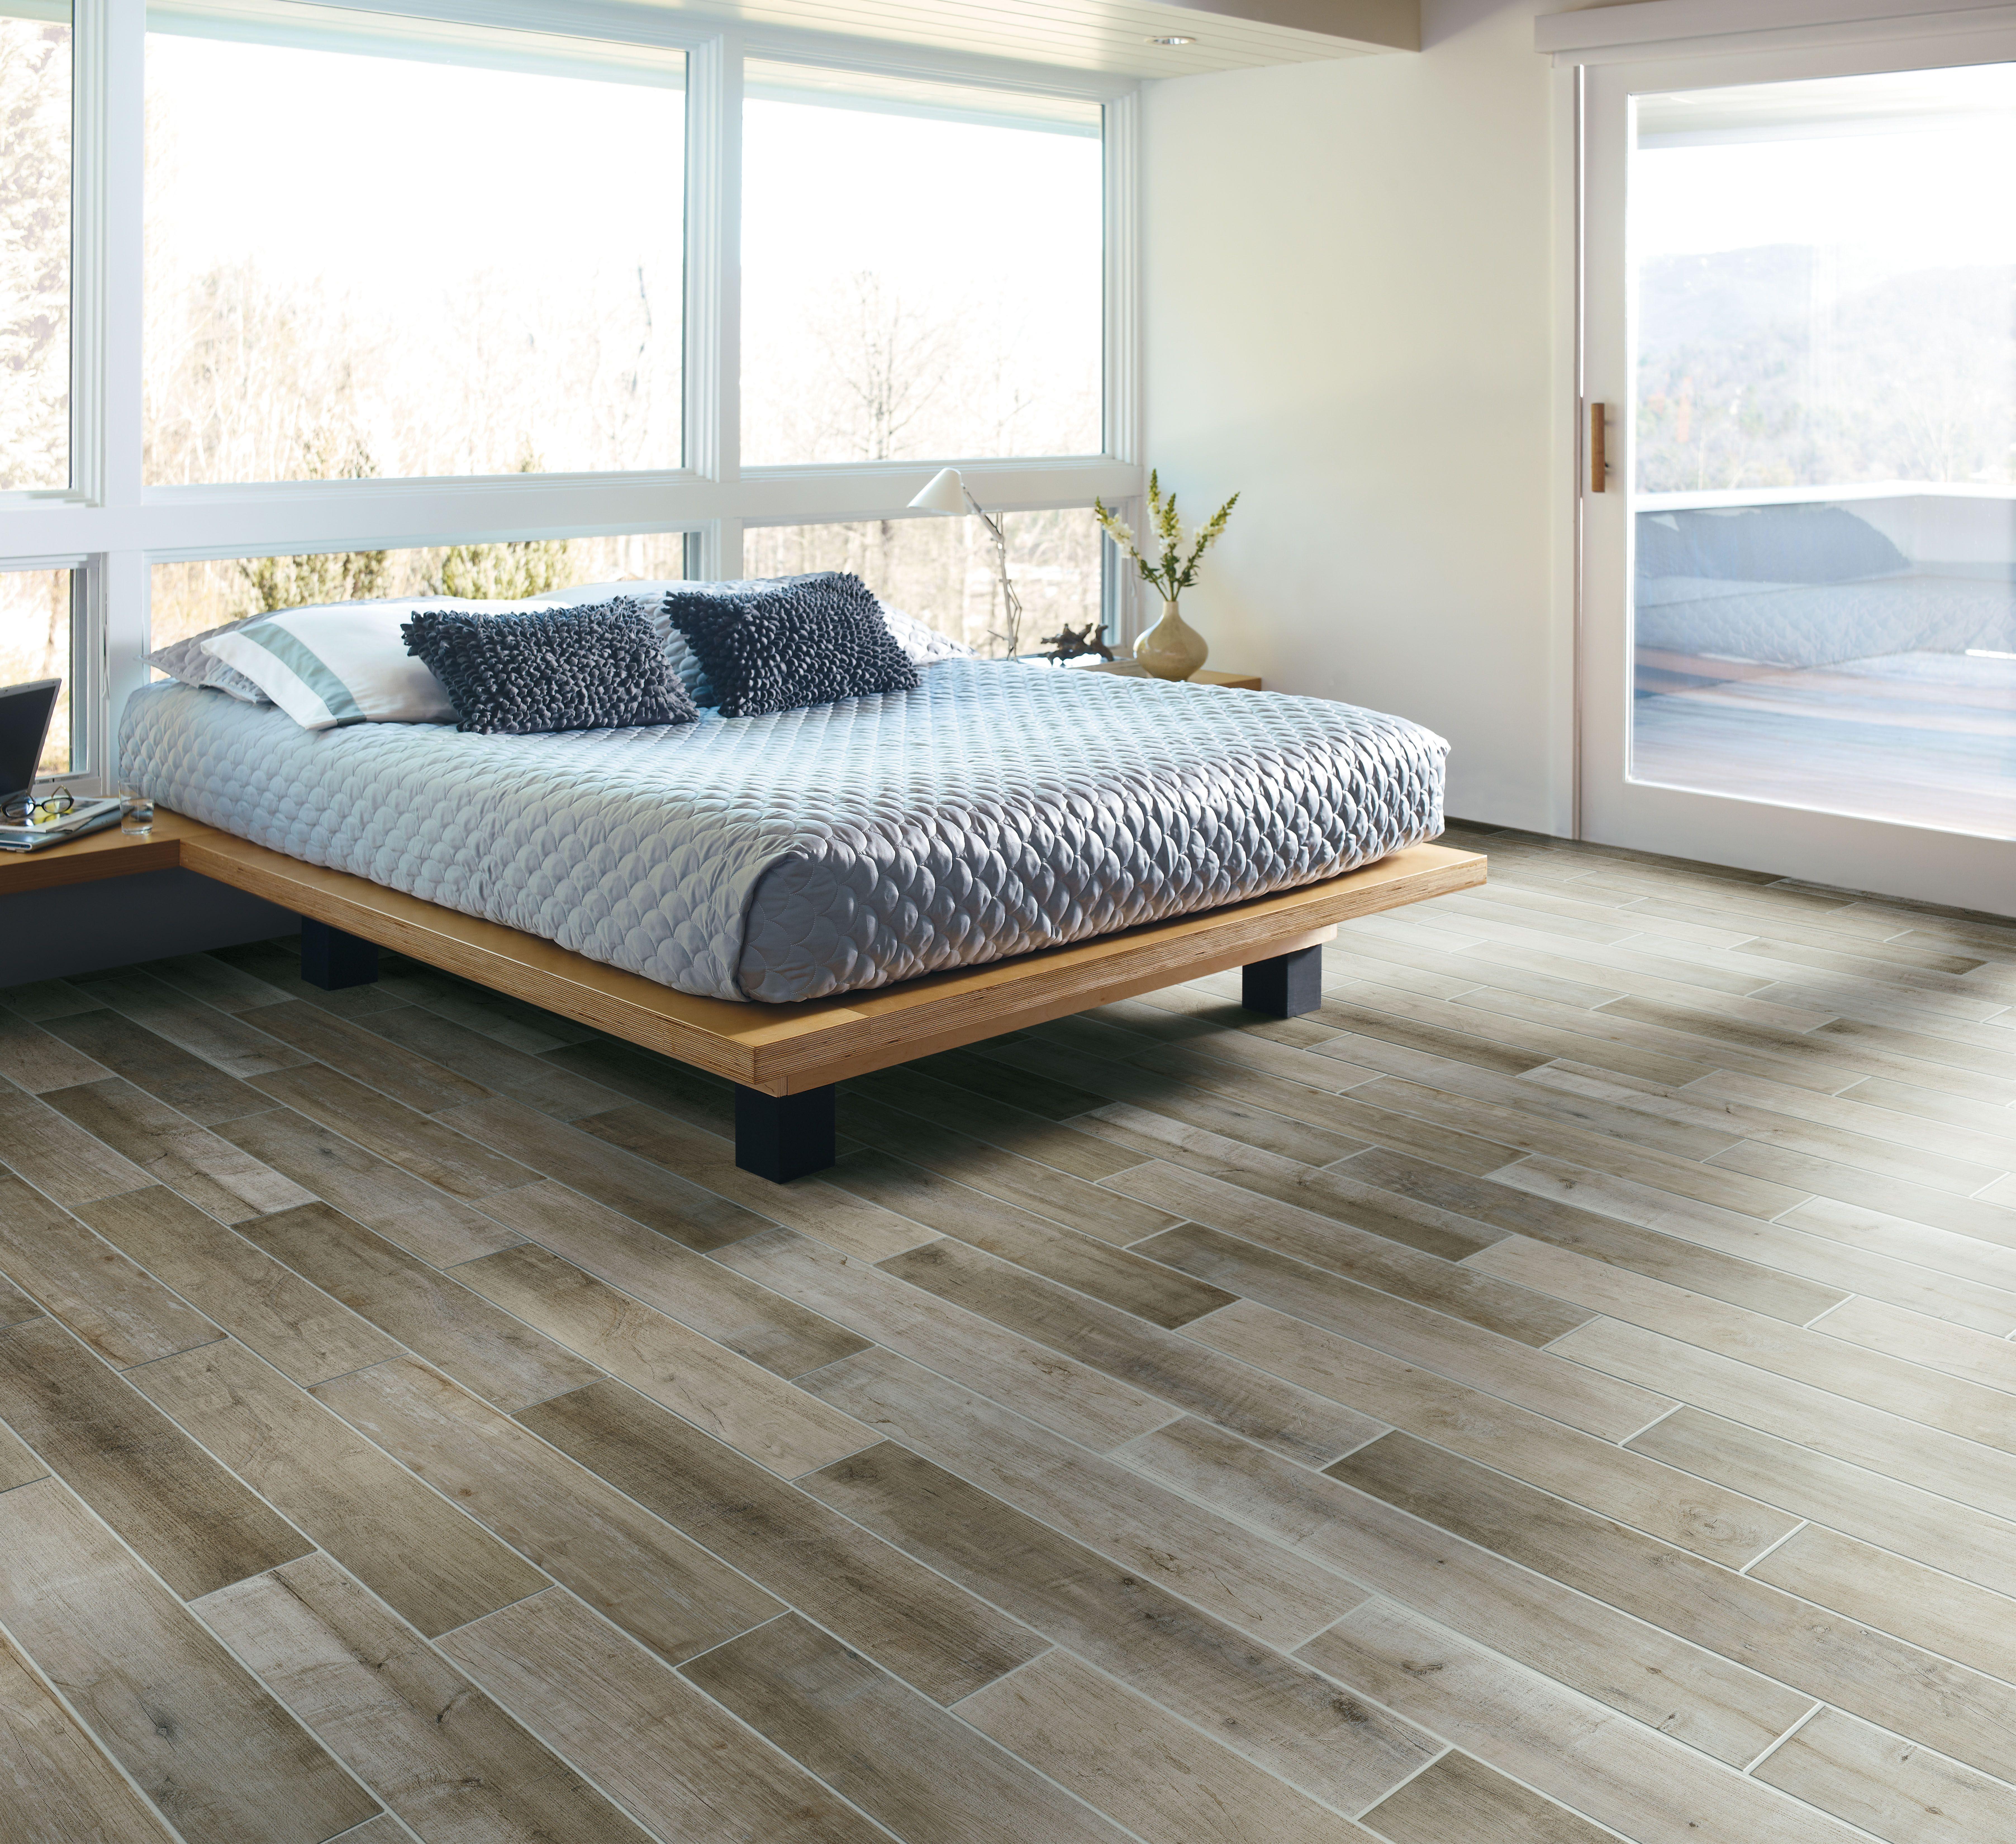 Crossville S Speakeasy Porcelain Tile Collection No Trees Harmed In The Creation Of This Beautiful Woo Bedroom Flooring Bedroom Floor Tiles Floor Tile Design